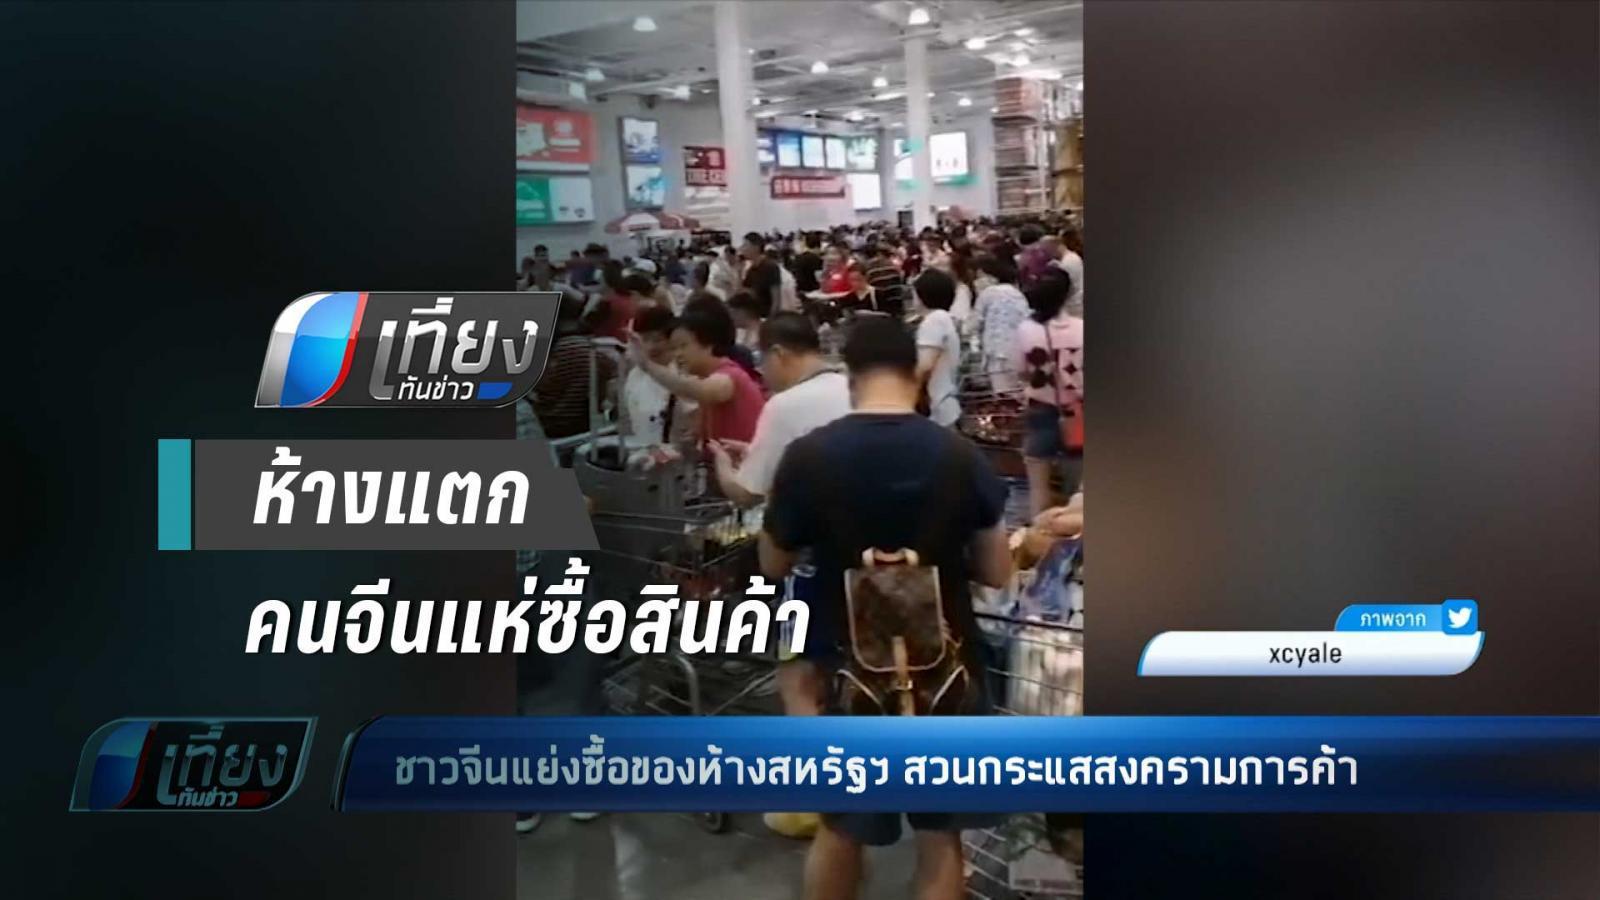 โกลาหล !! ชาวจีน แย่งซื้อของ จนเจ้าหน้าที่ ต้องสั่งปิดห้างฯ